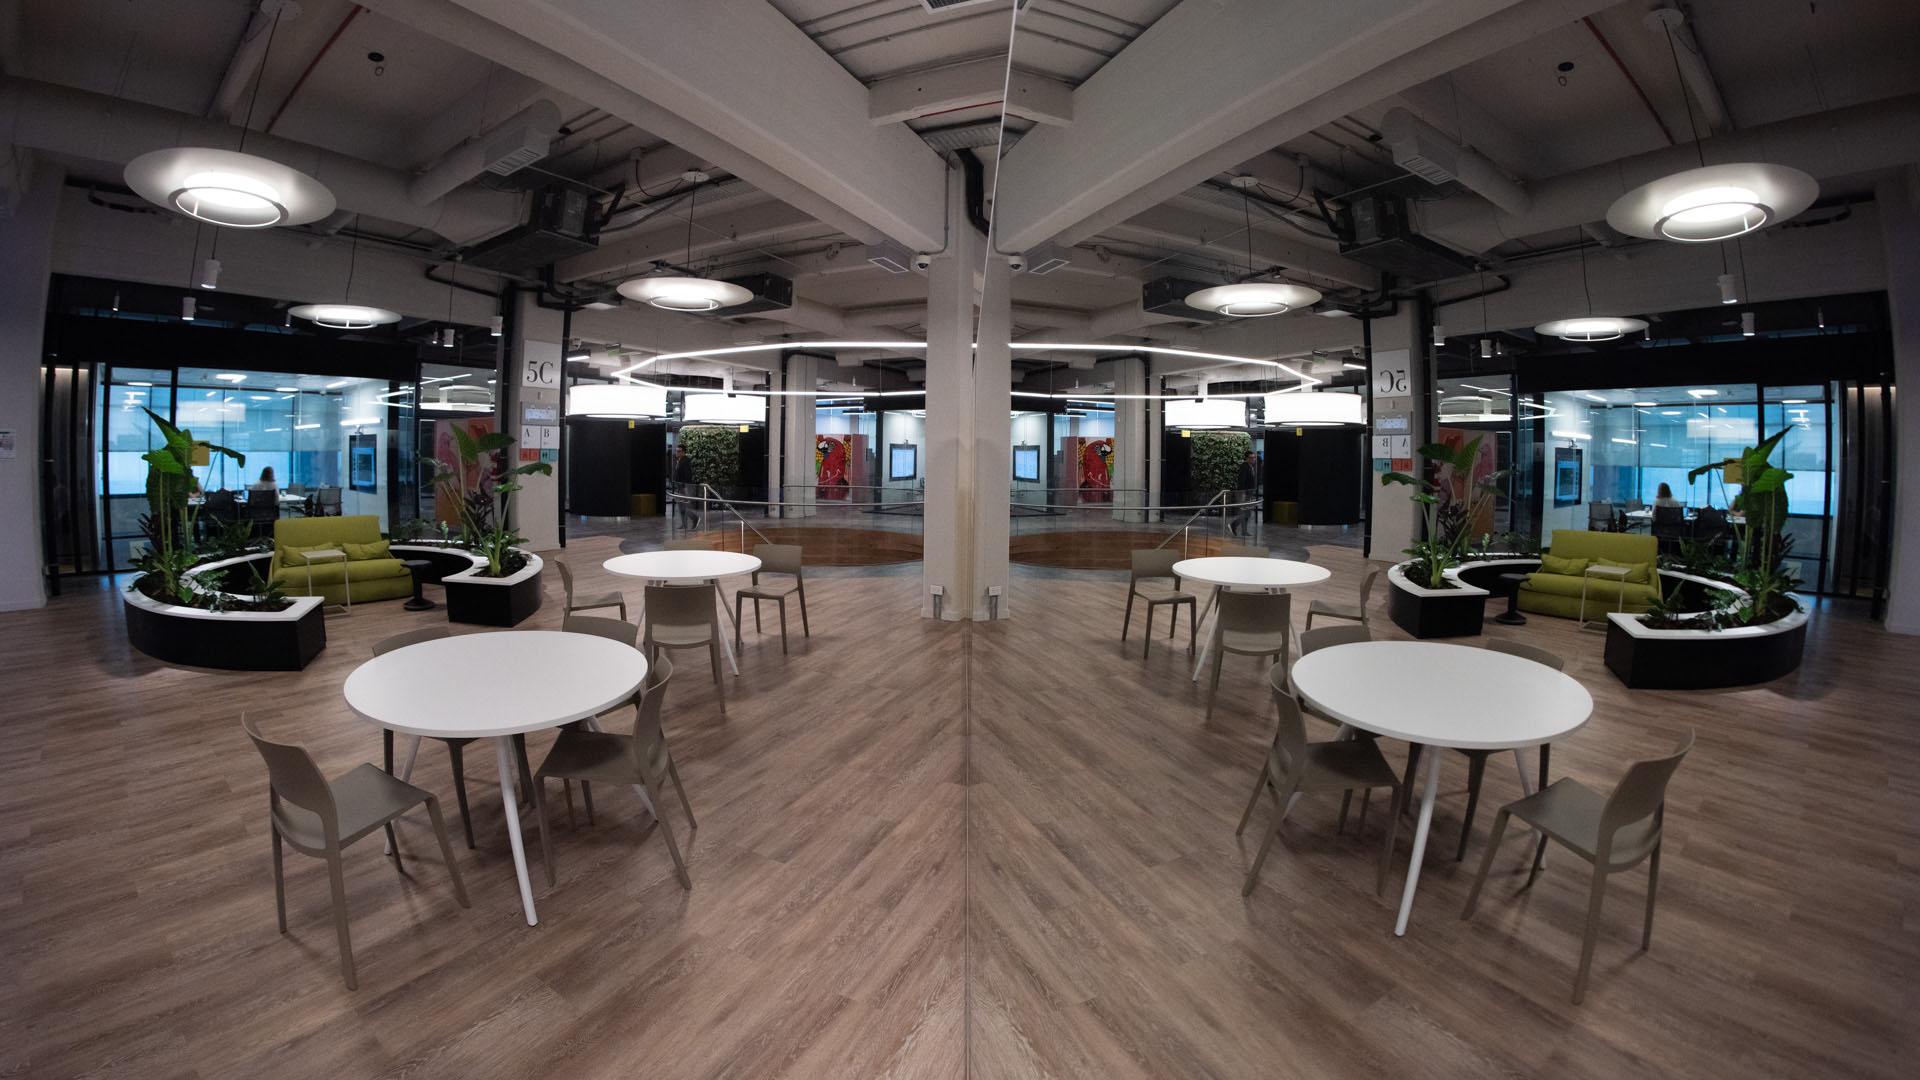 El lugar cuenta con diferentes espacios de reunión: hay algunos abiertos y otros cerrados para encuentros confidenciales